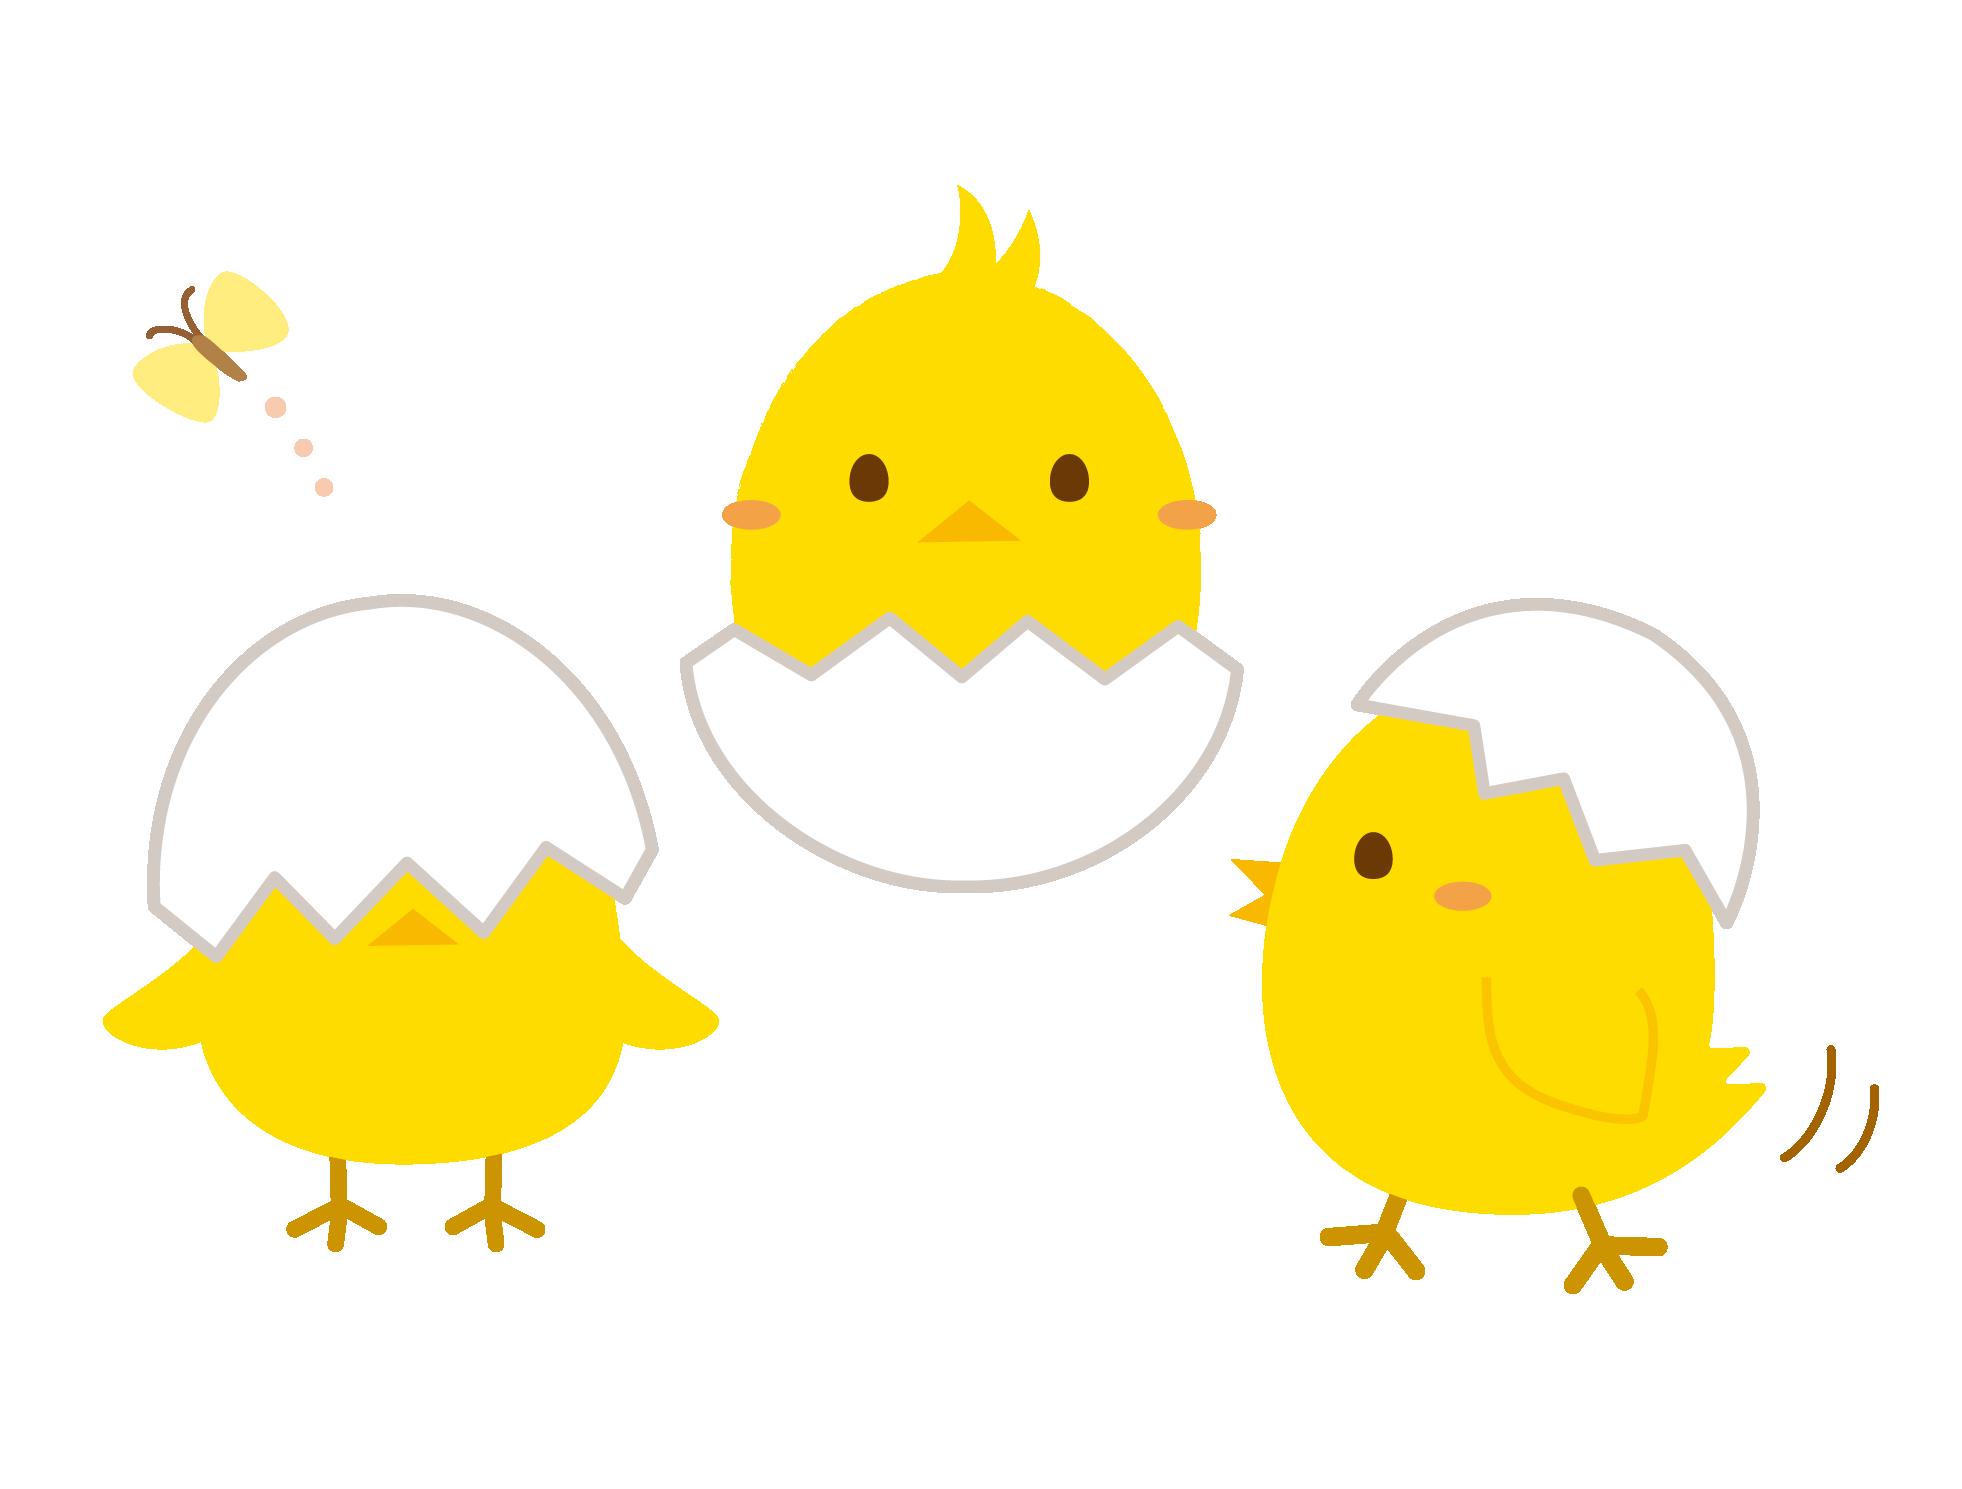 3羽のヒヨコのイラスト